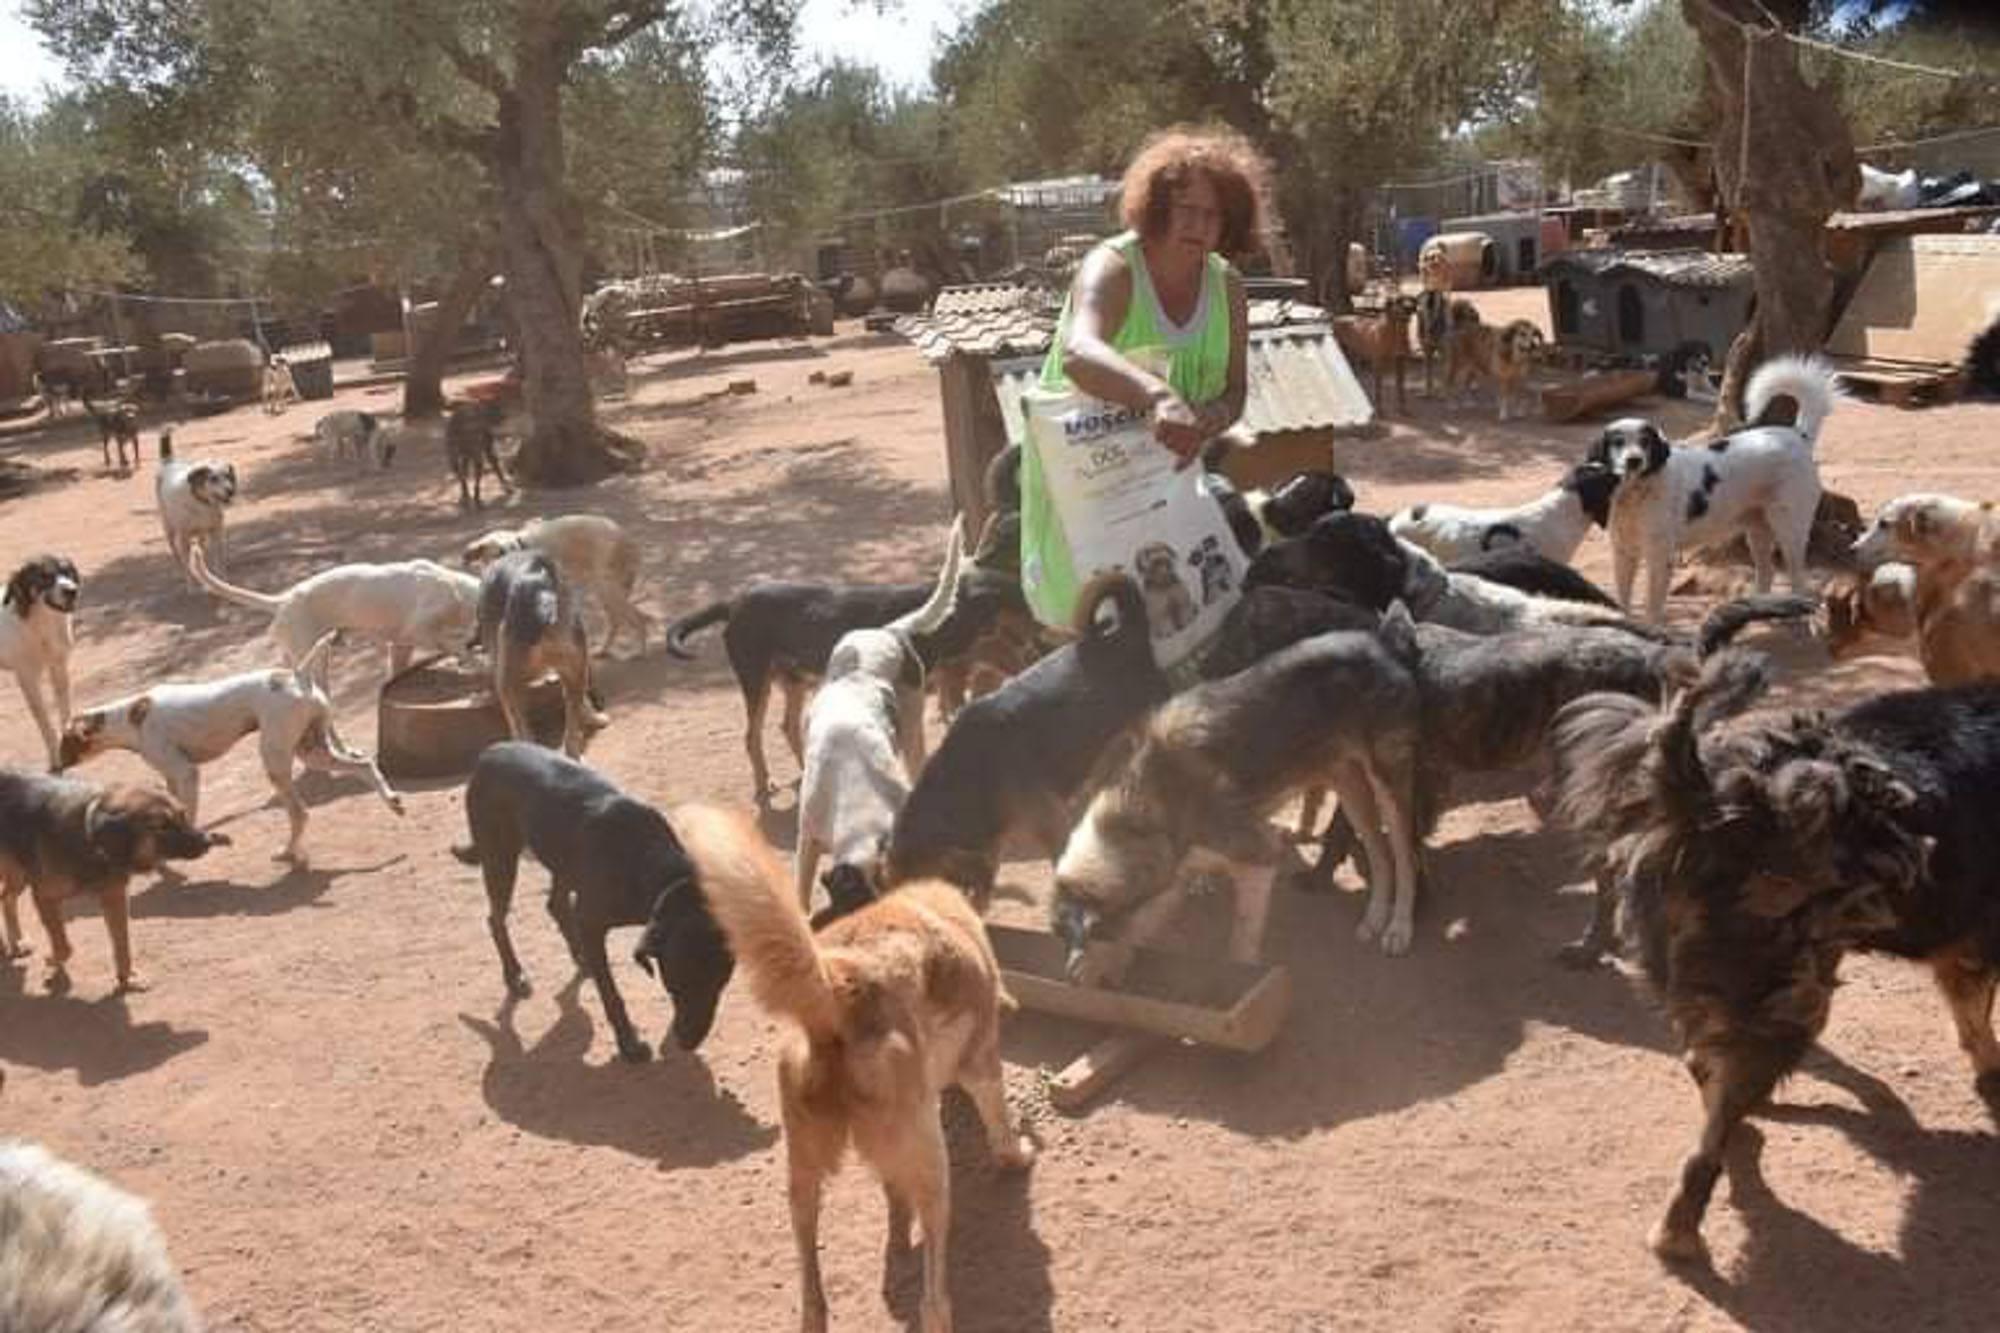 Verein für hilfebedürftige Tiere_SfS21_GR21